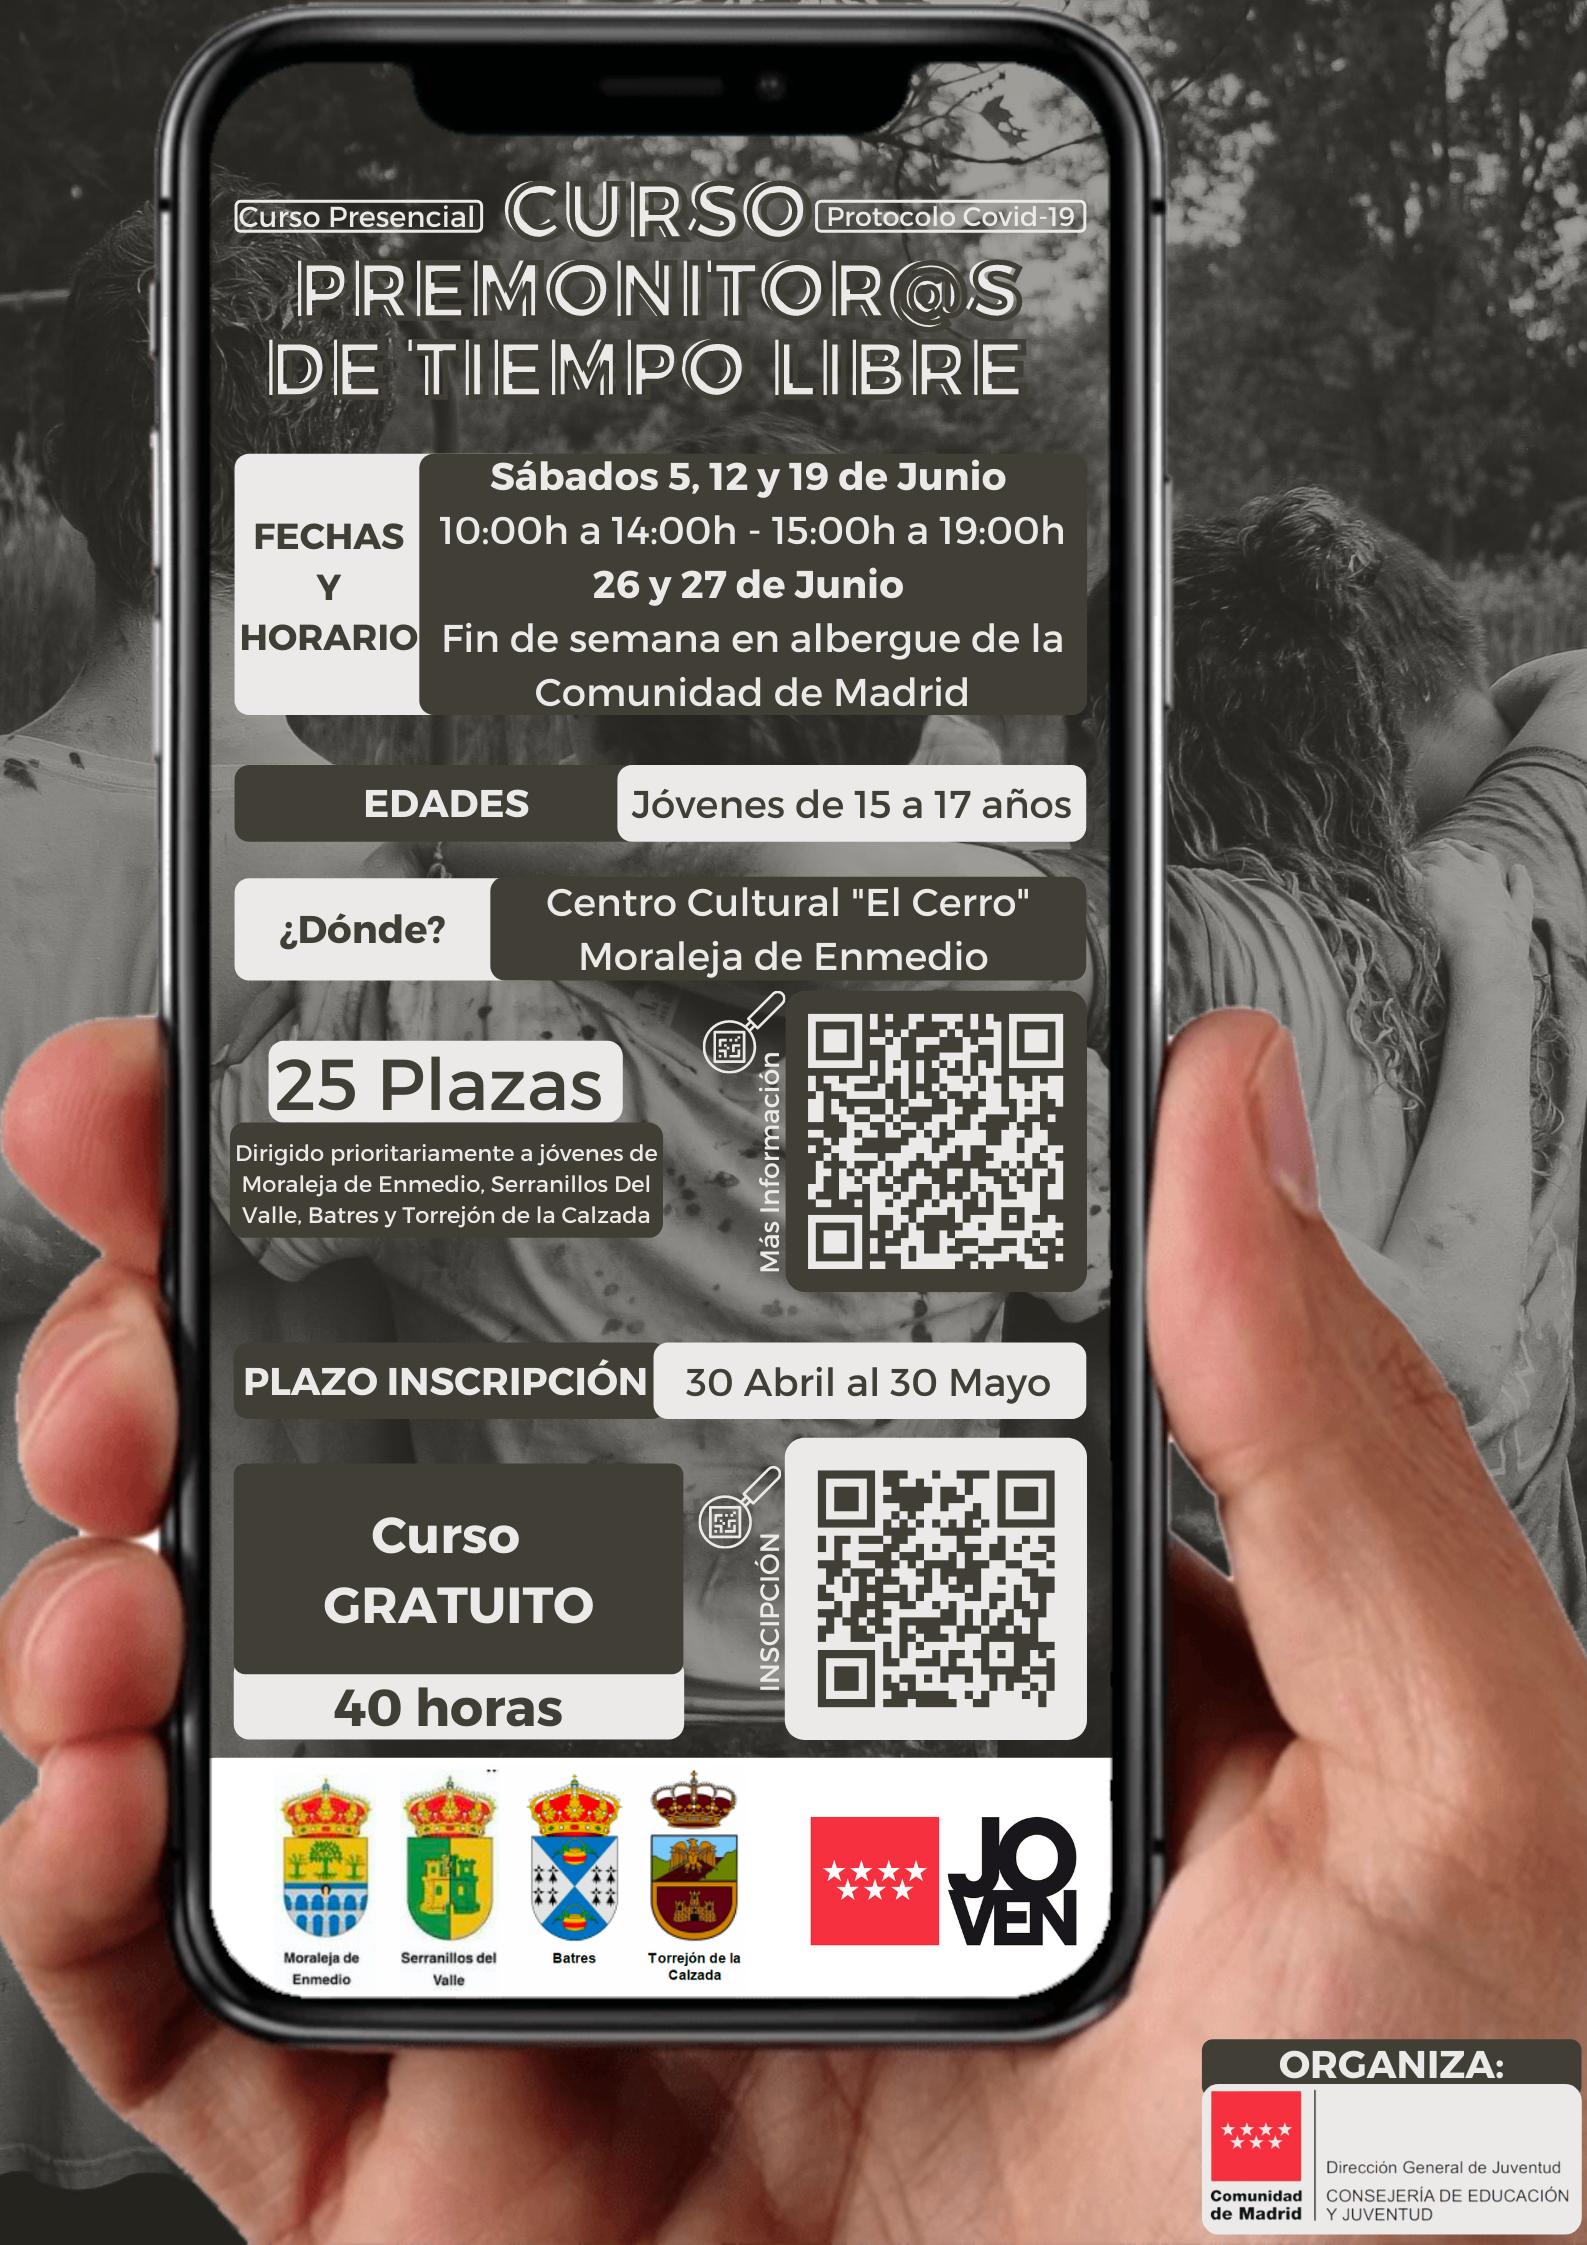 CURSO PREMONITOR@S DE TIEMPO LIBRE